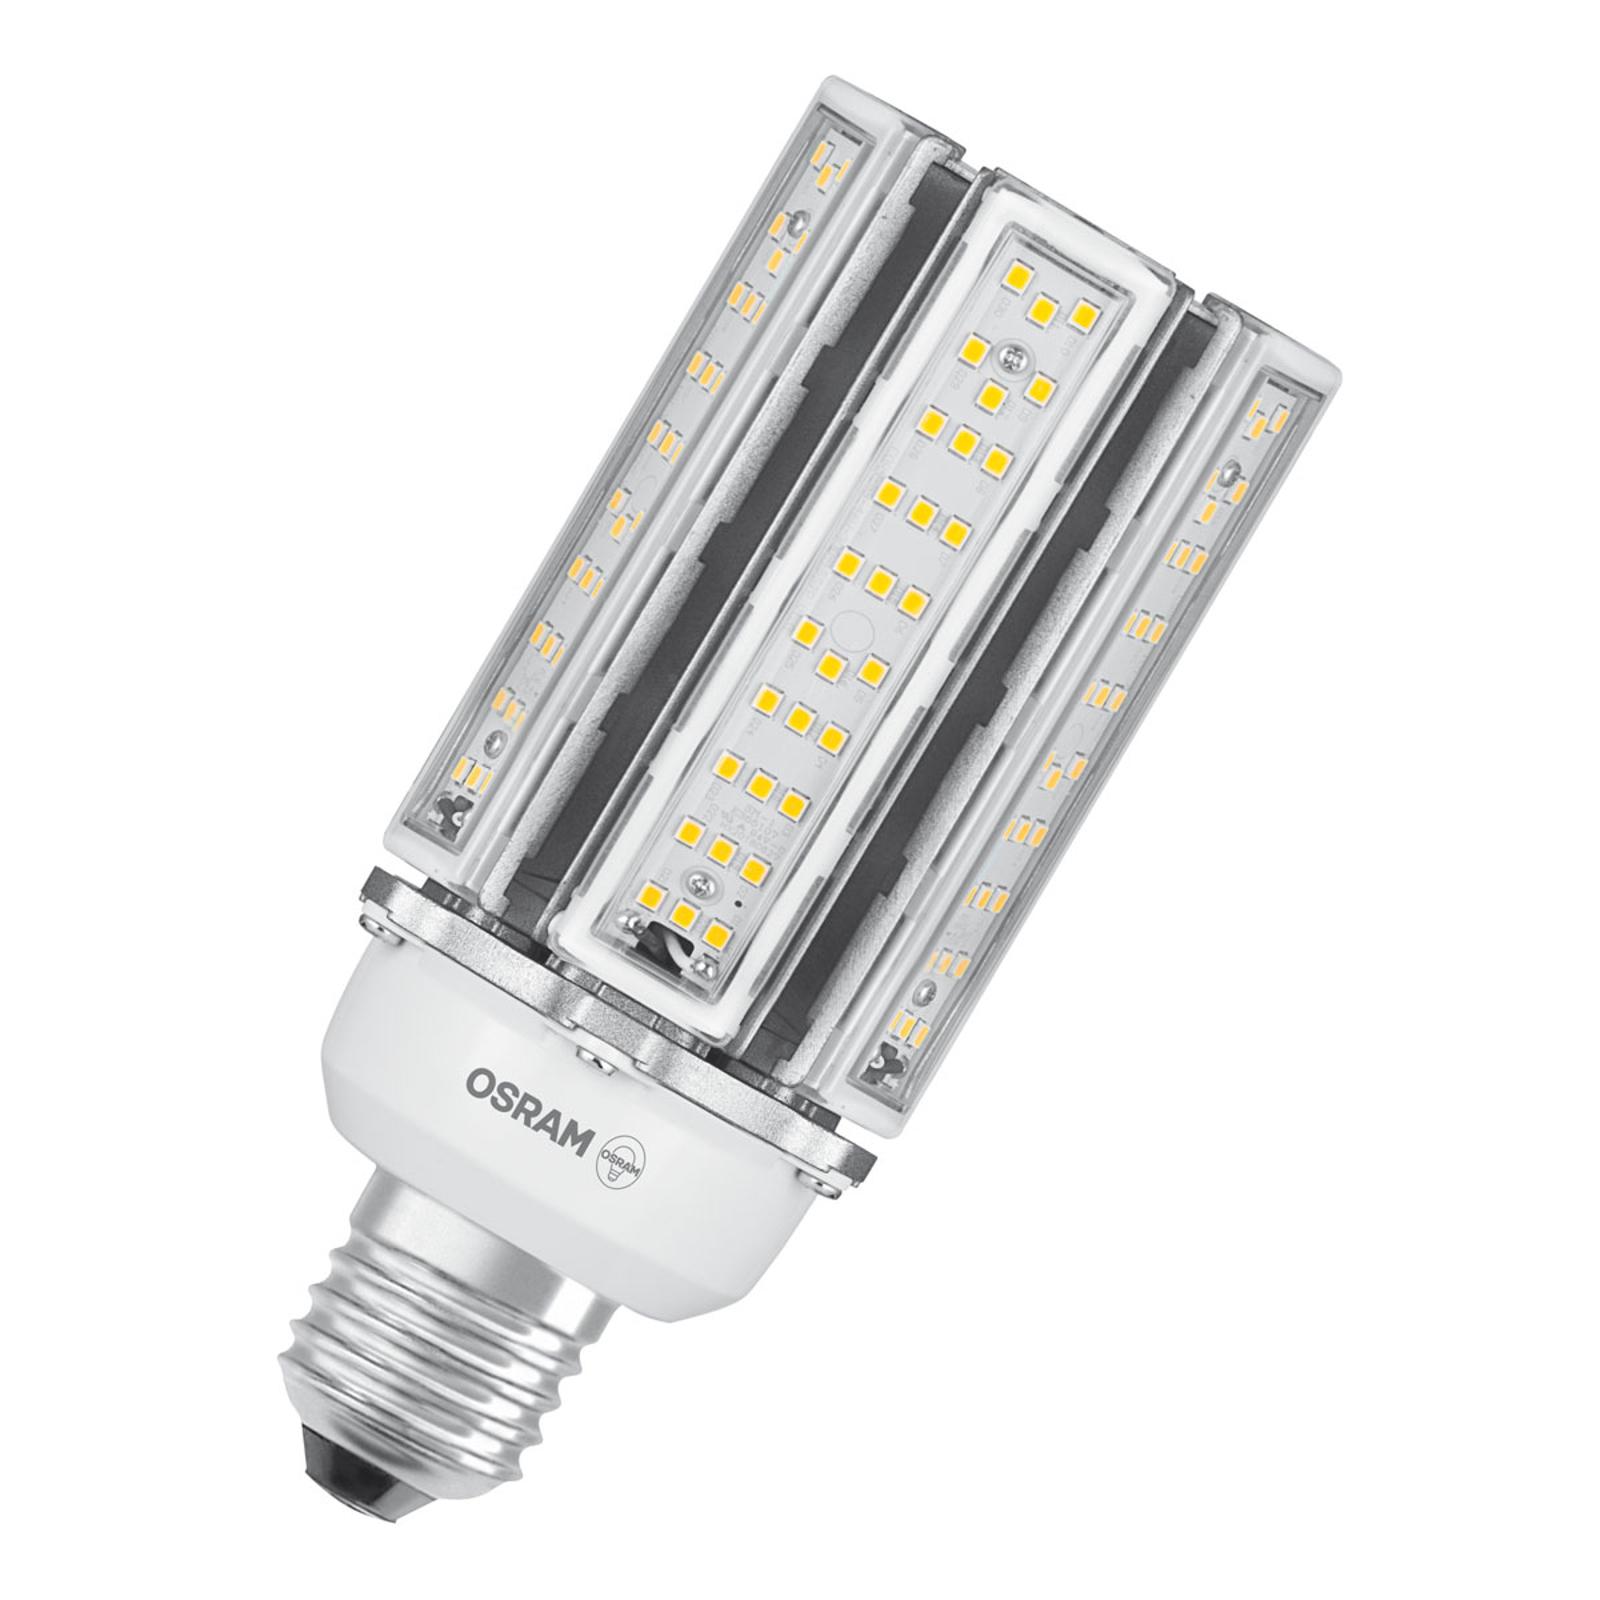 OSRAM LED-Lampe E40 Parathom HQL 46W 2.700K